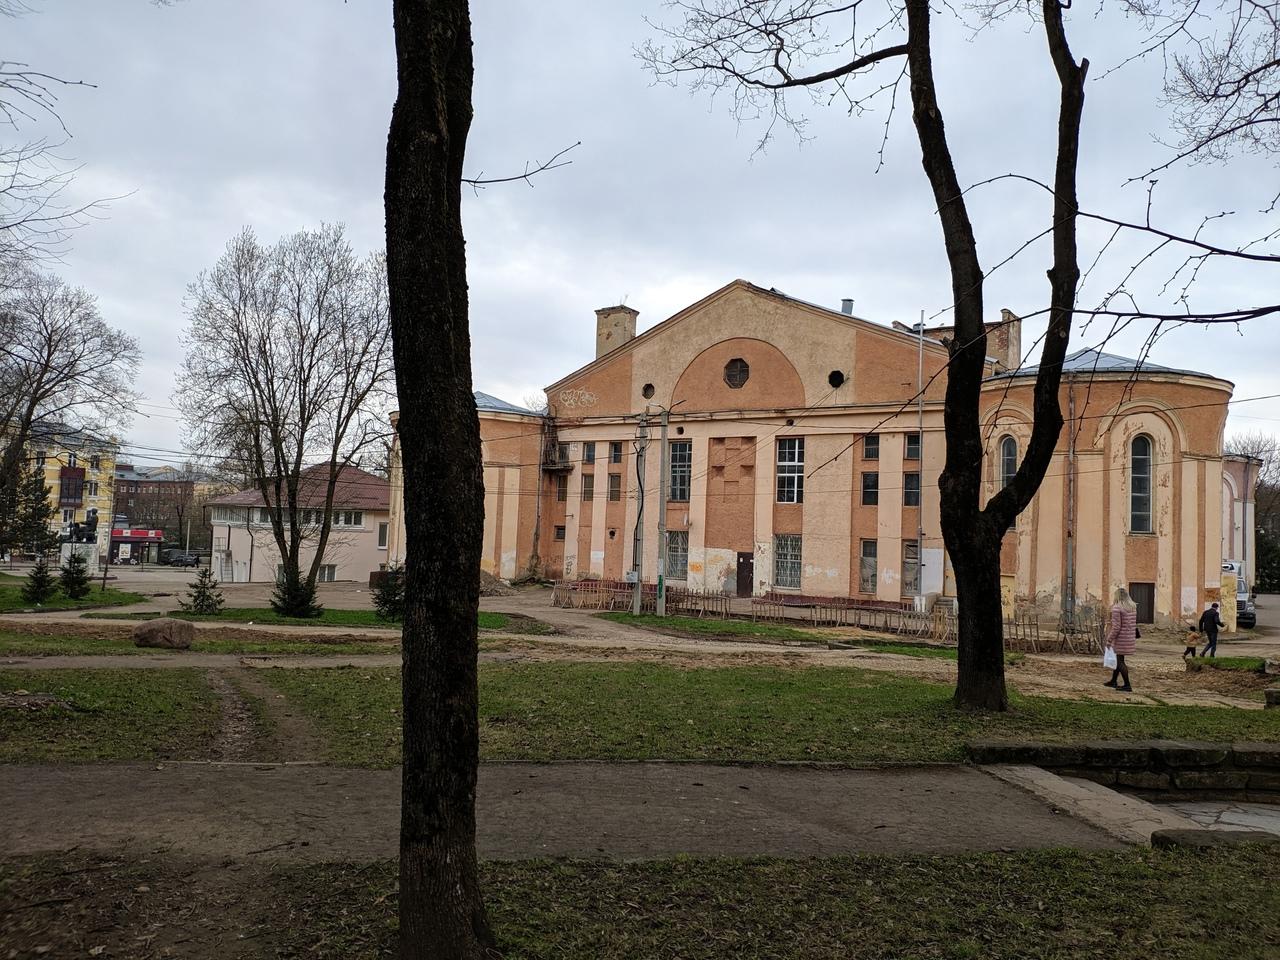 В Смоленске начали поиск подрядчика на благоустройство участка за «Октябрем»